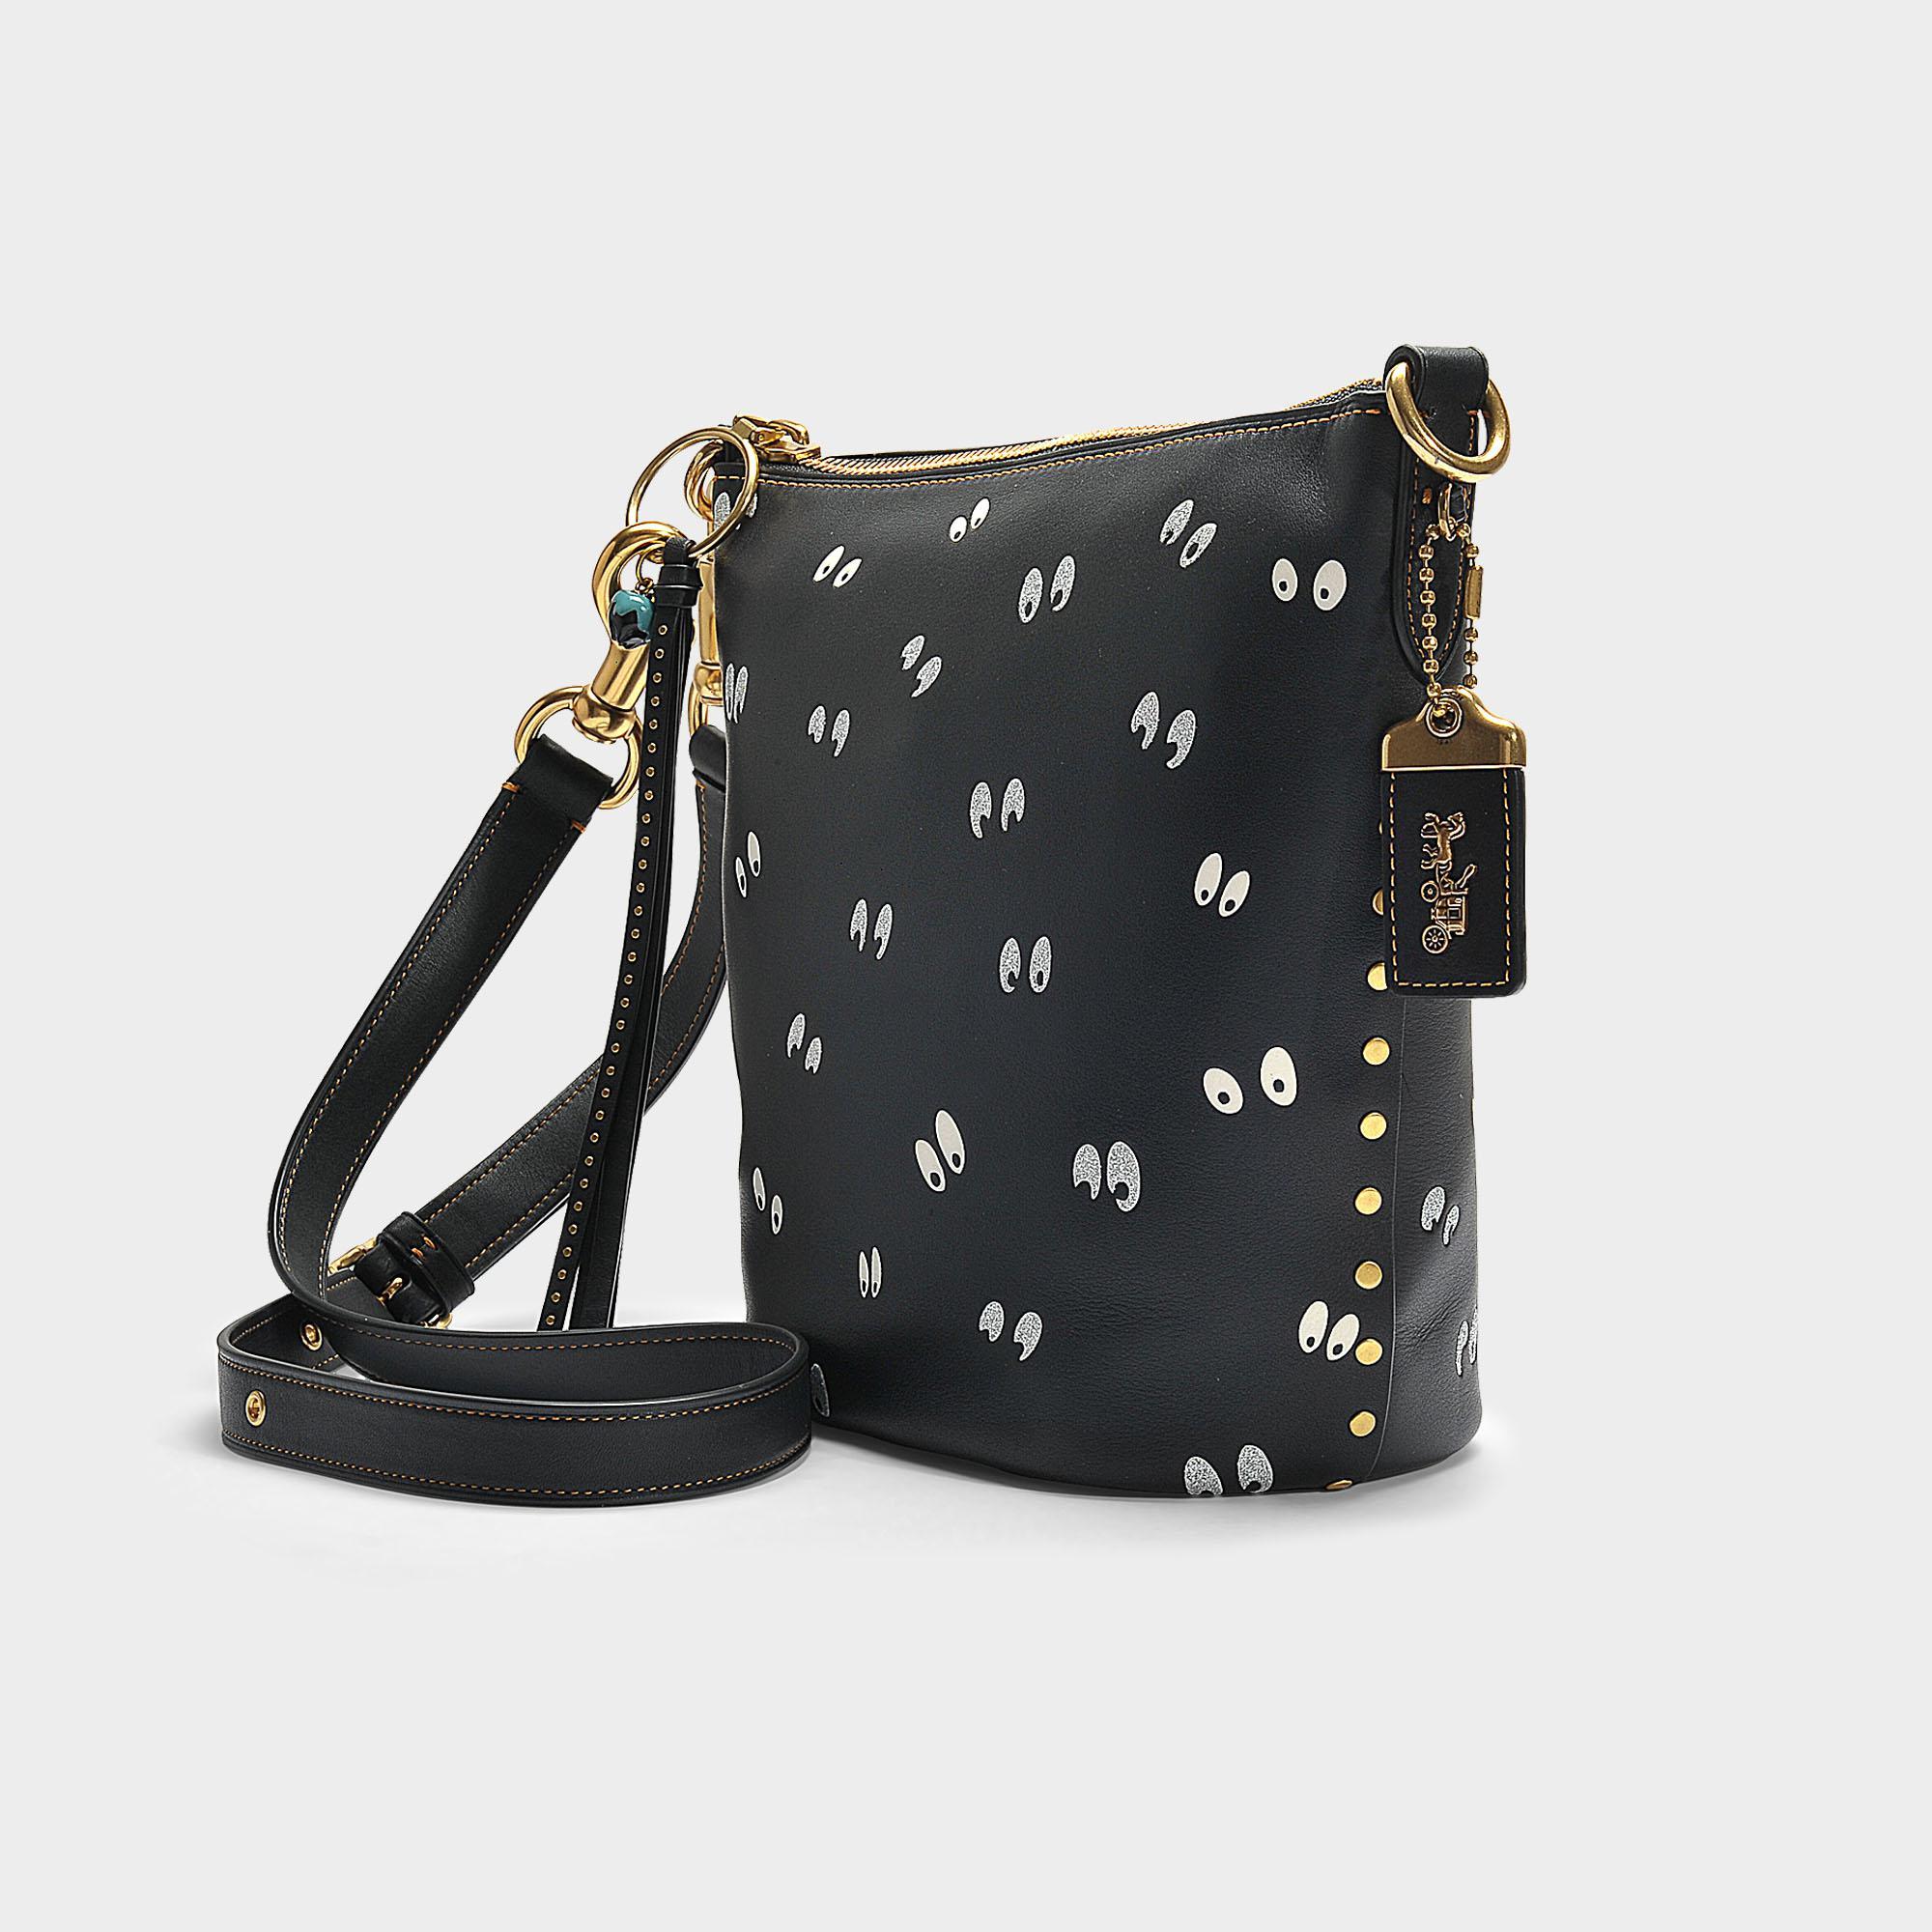 8a7d3173bc09 Lyst - COACH Spooky Eyes Print Duffle 20 Bag In Black Calfskin